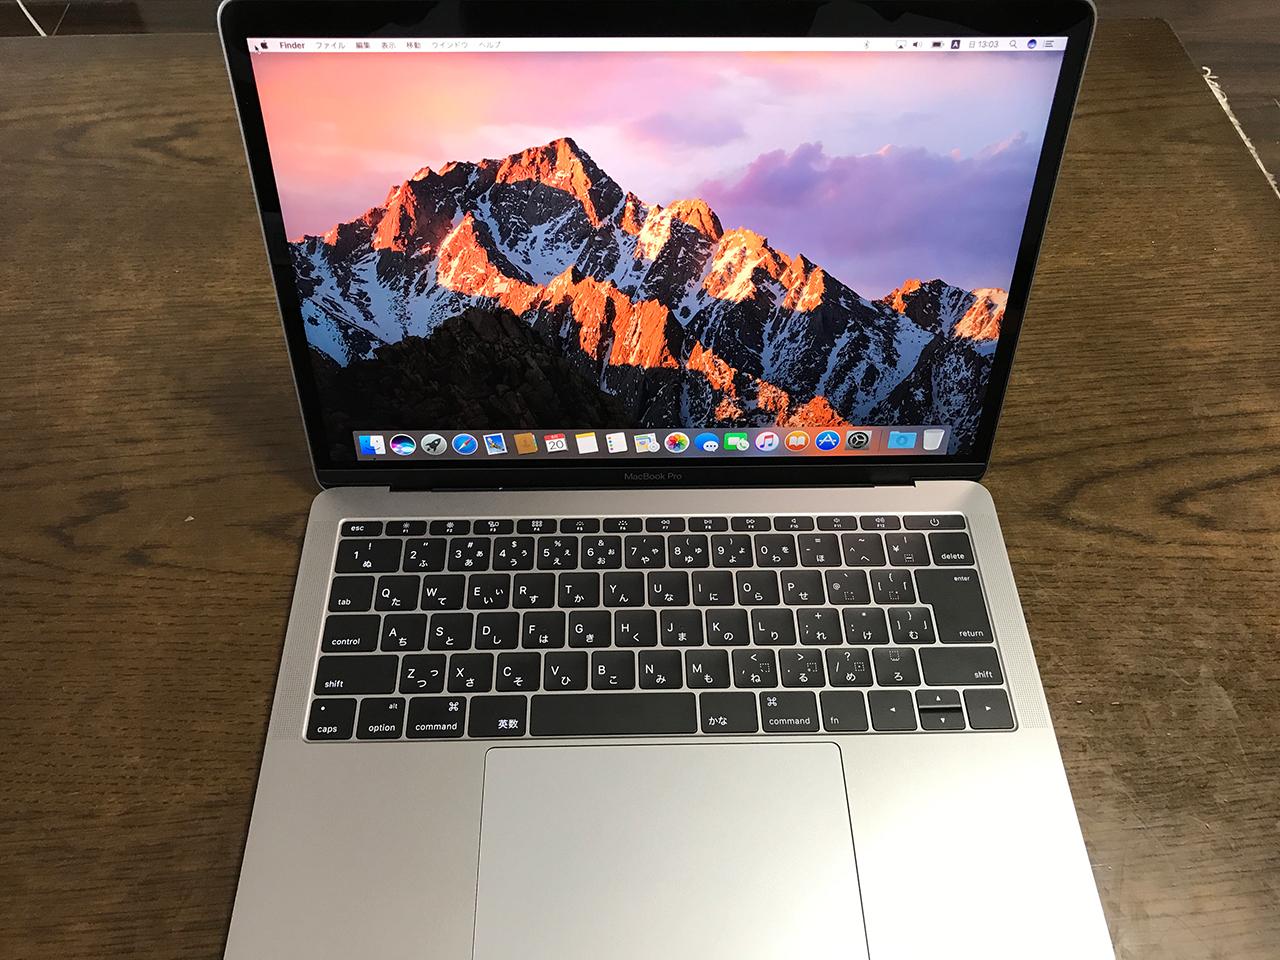 【購入顛末記】新たなメインマシンとして中古でMacBook Pro 2016 13インチモデルを買いました!